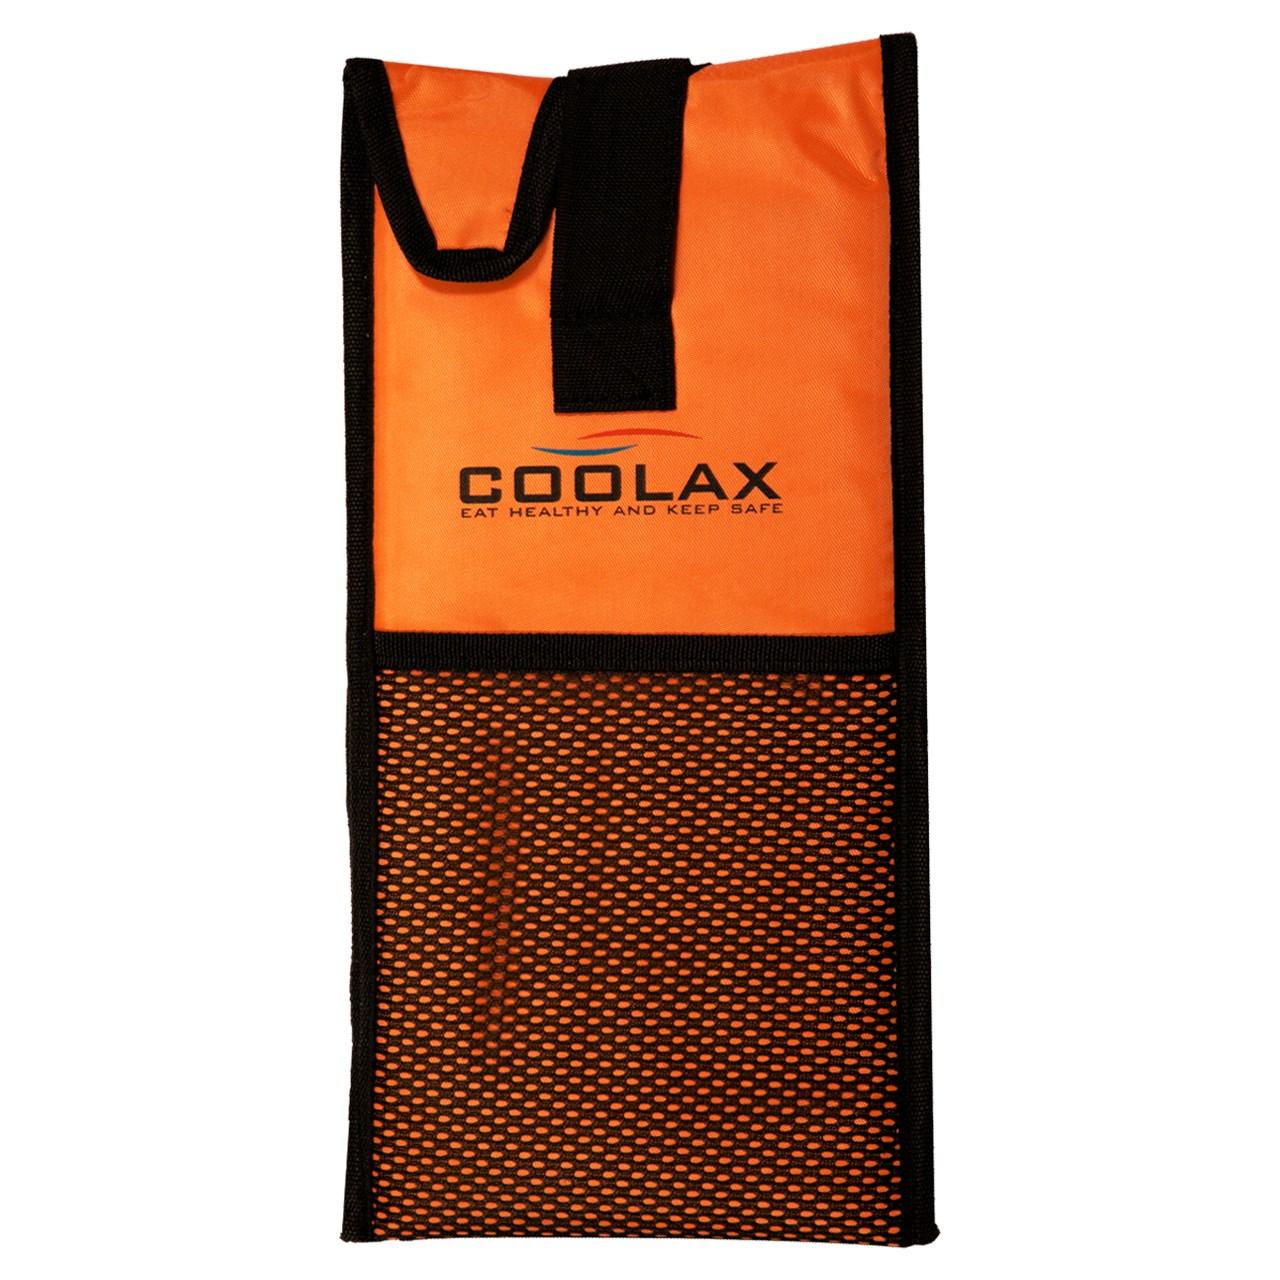 کیف عایق دما کولاکس مدل CX-101 ظرفیت 1.5 لیتر